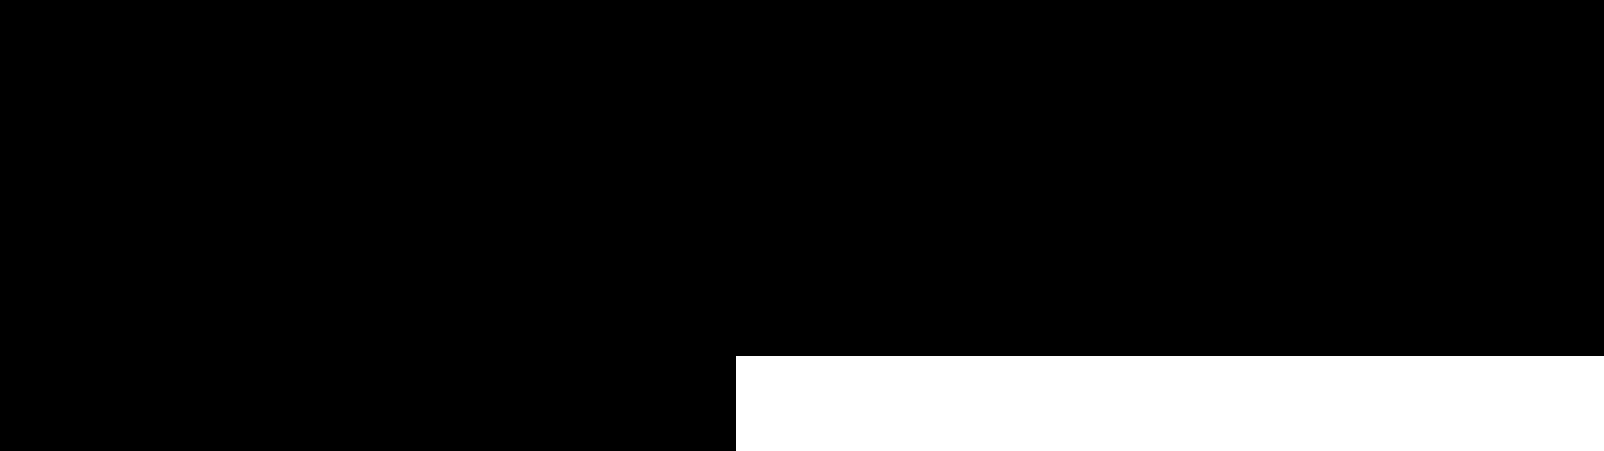 Producenci - logonimatsu.jpg